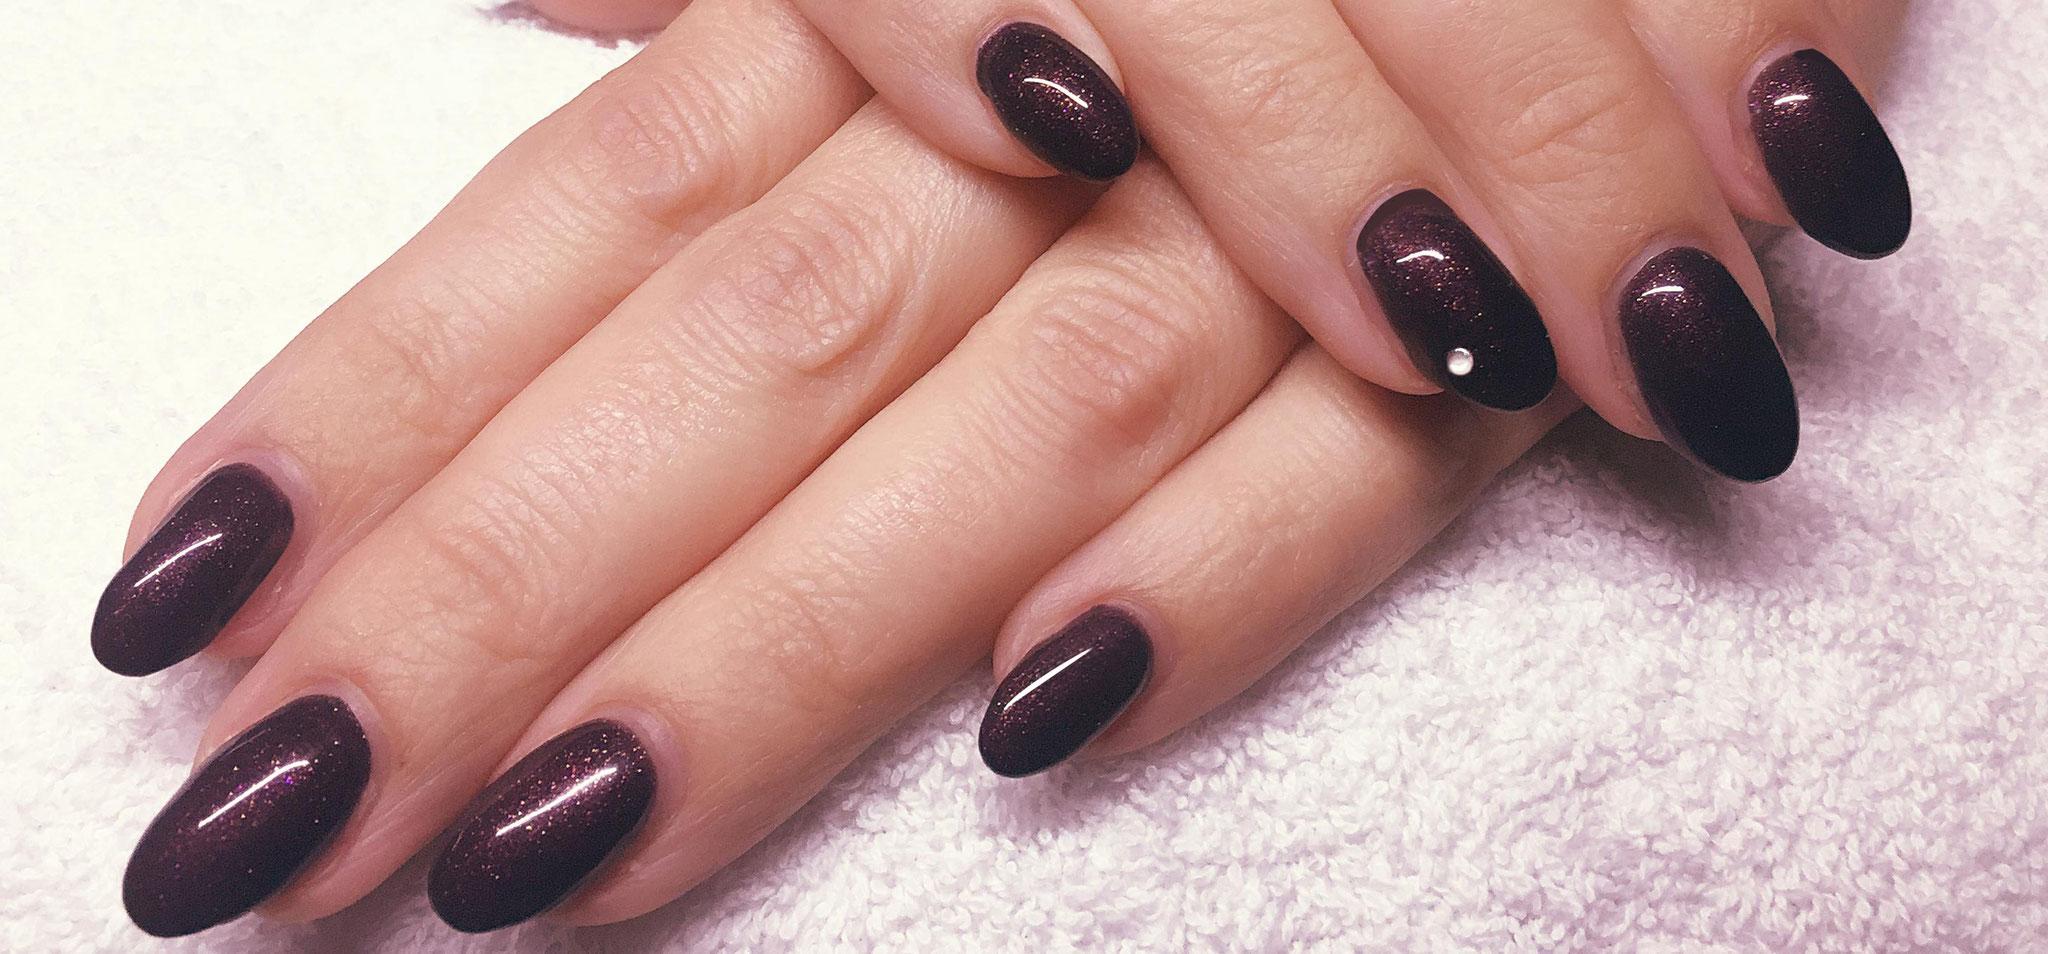 Gel nagels - Aubergine met strassteentje op de rechter ringvinger